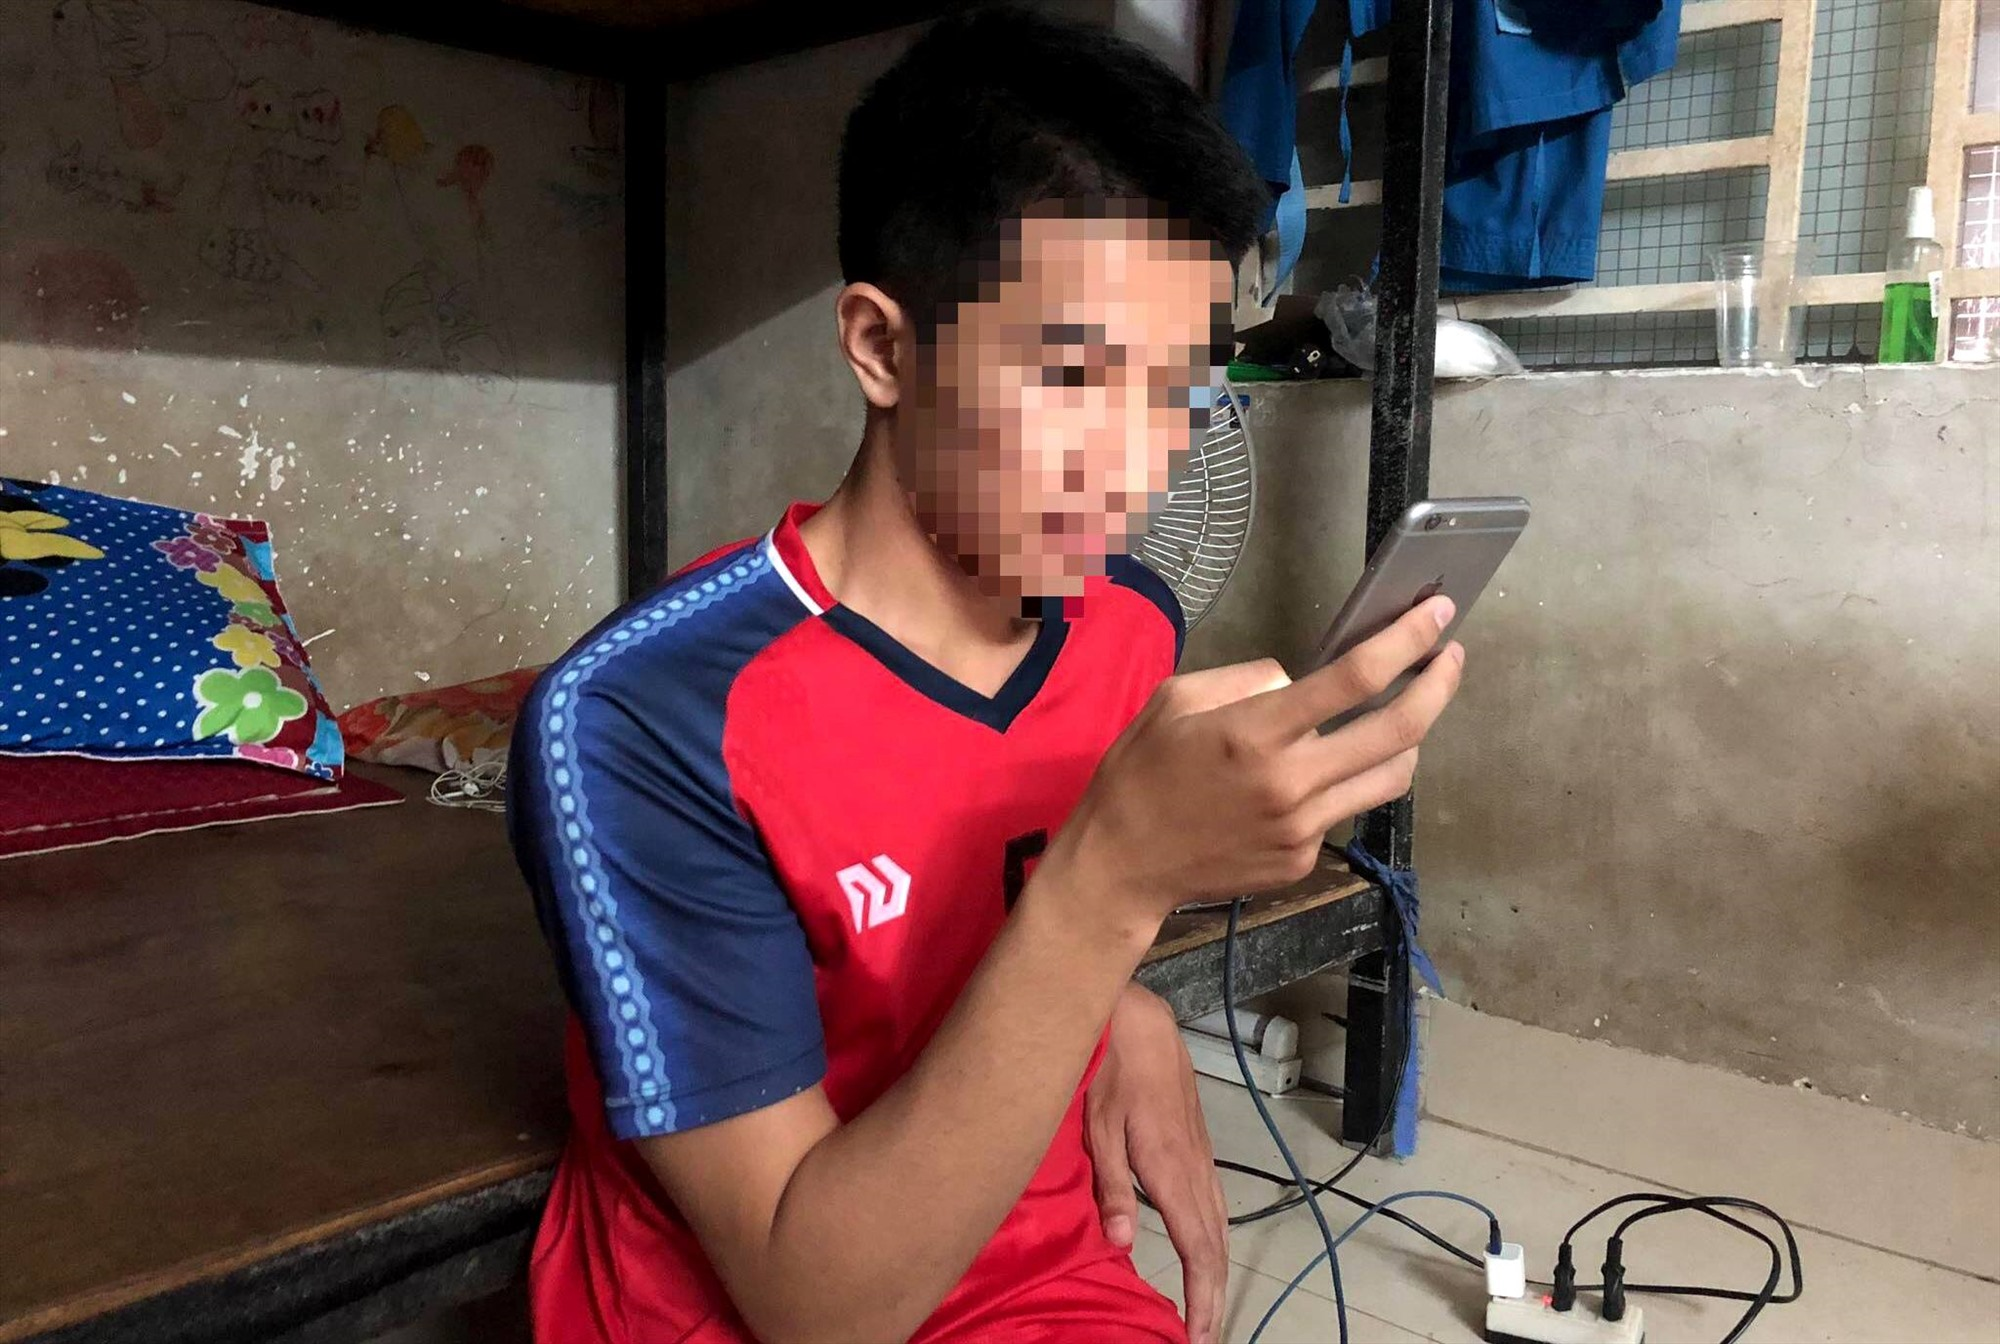 Dù biết hiểm họa, nhưng nhiều bạn trẻ vẫn bất chấp cảnh báo, vô tư vừa sử dụng điện thoại vừa cắm sạc pin. Ảnh: THANH VY